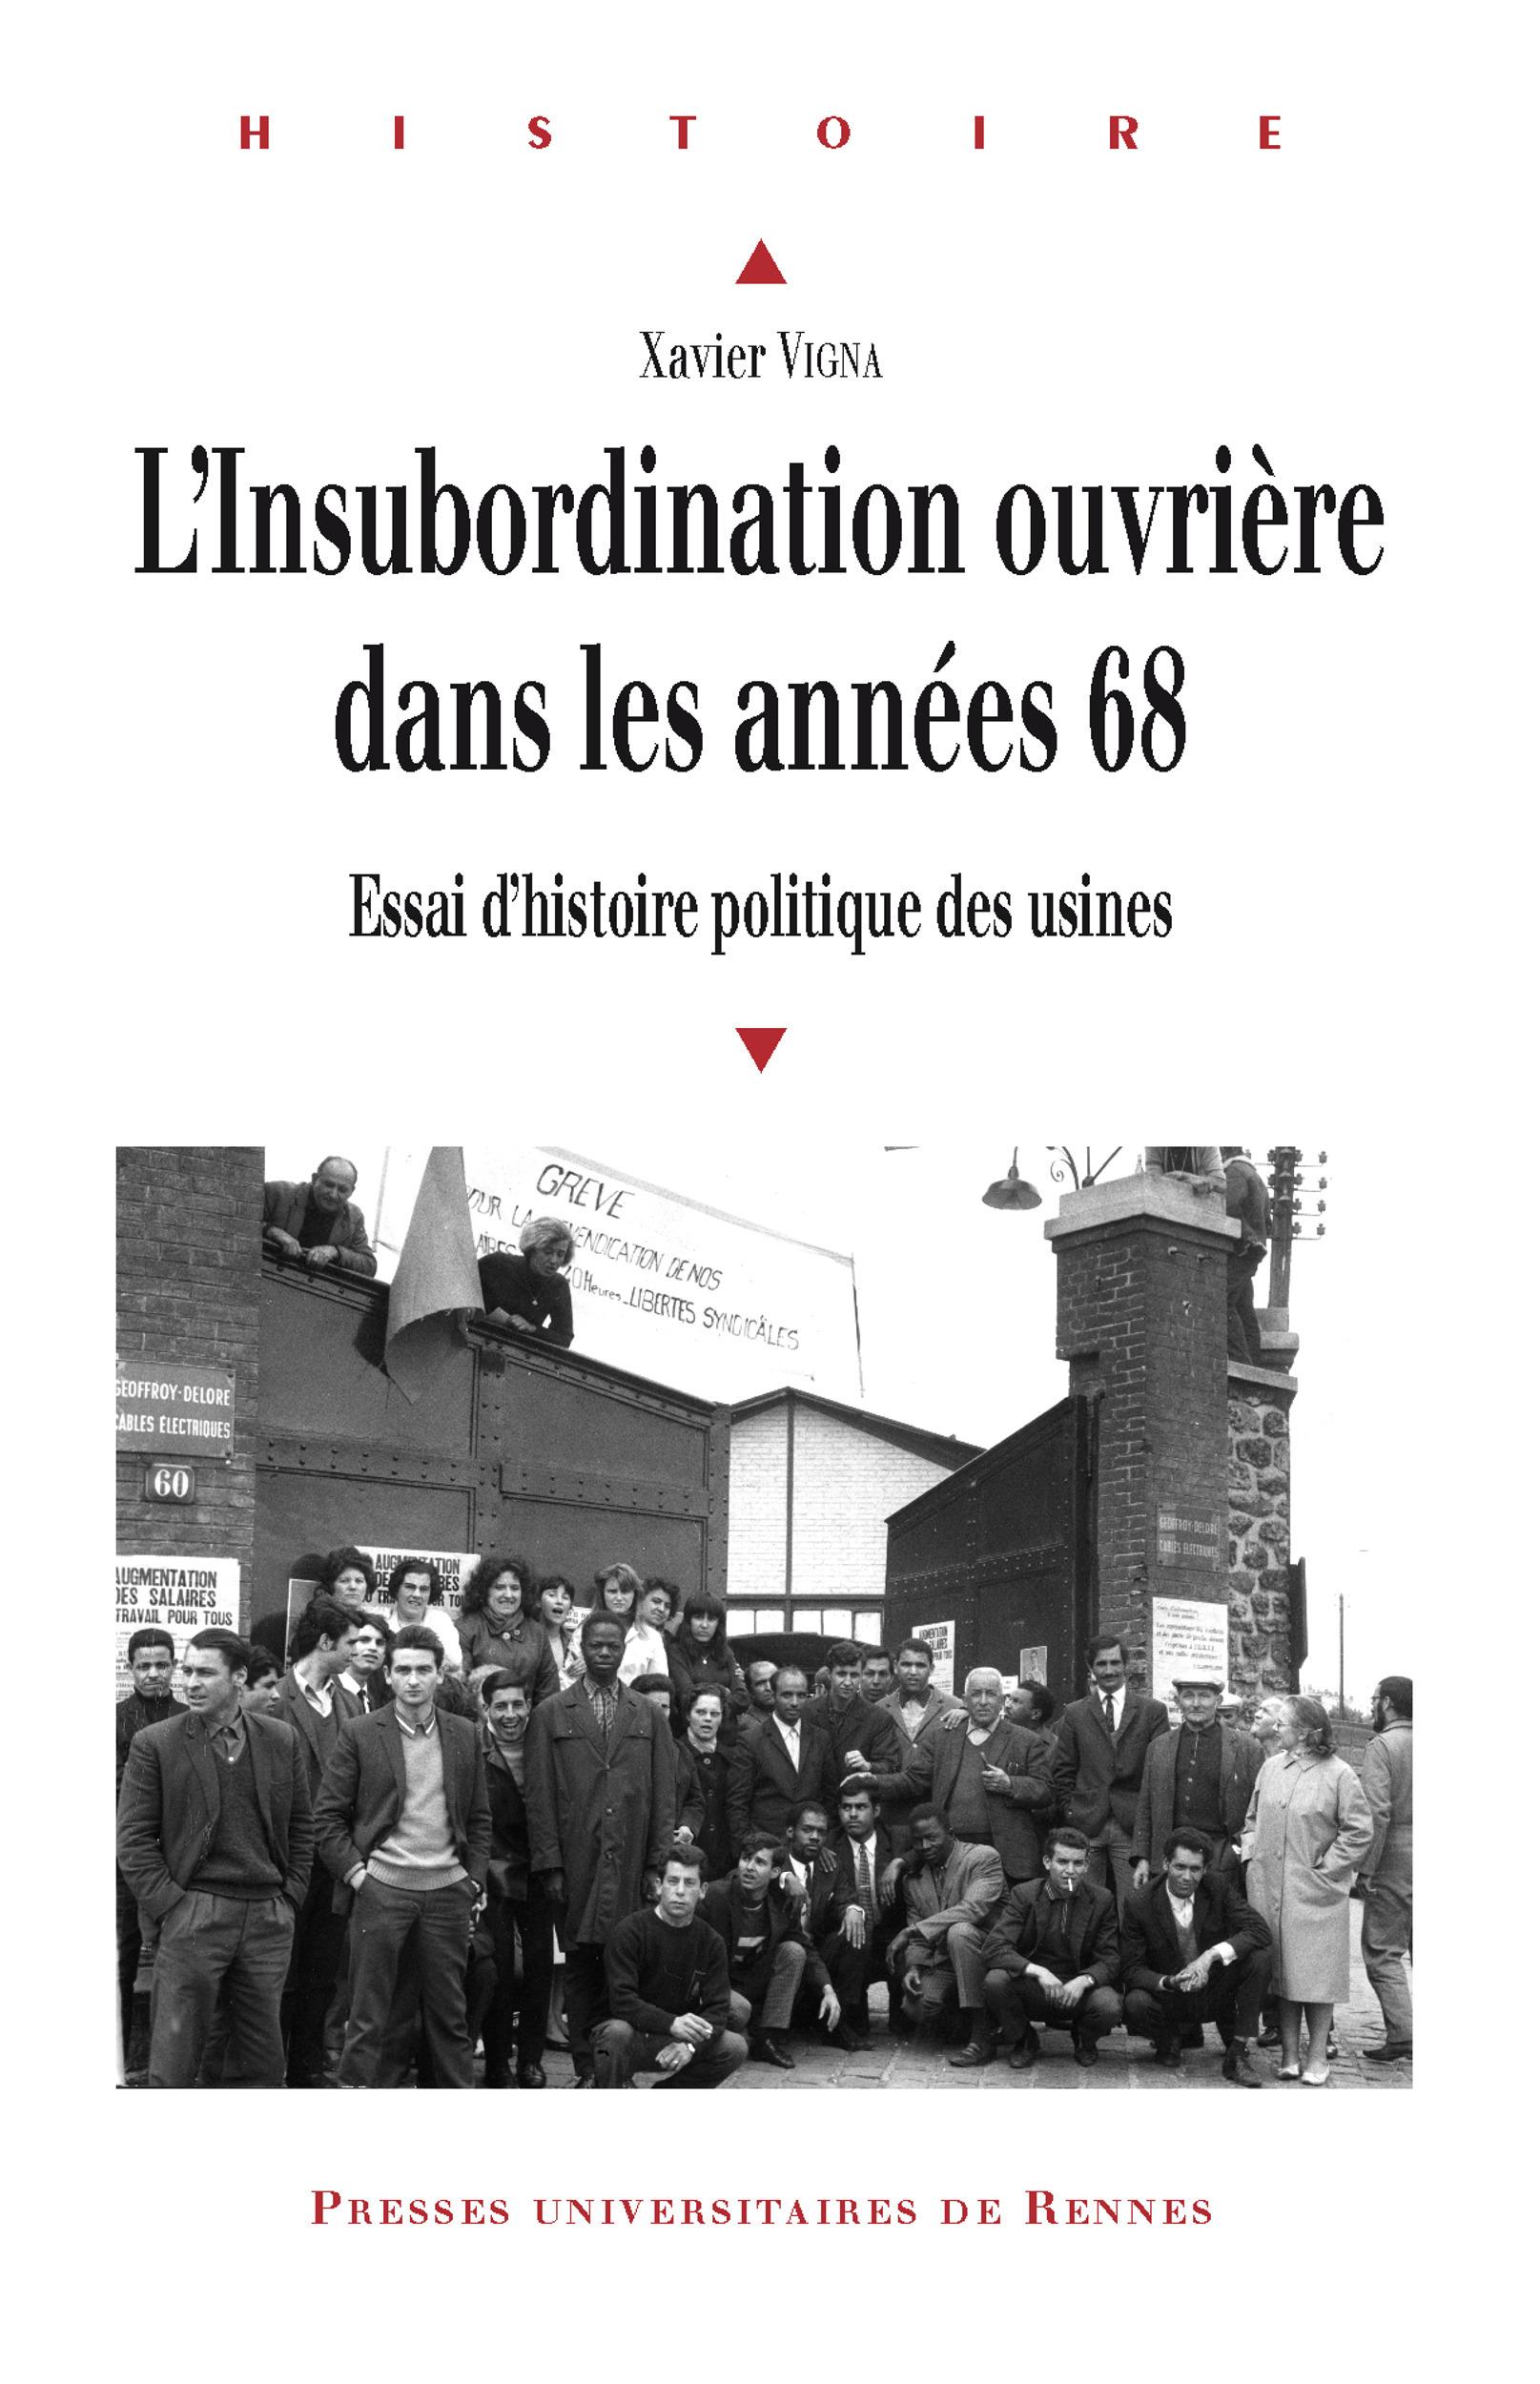 Xavier VIGNA L'insubordination ouvrière dans les années 68 - Essai d'histoire politique des usines